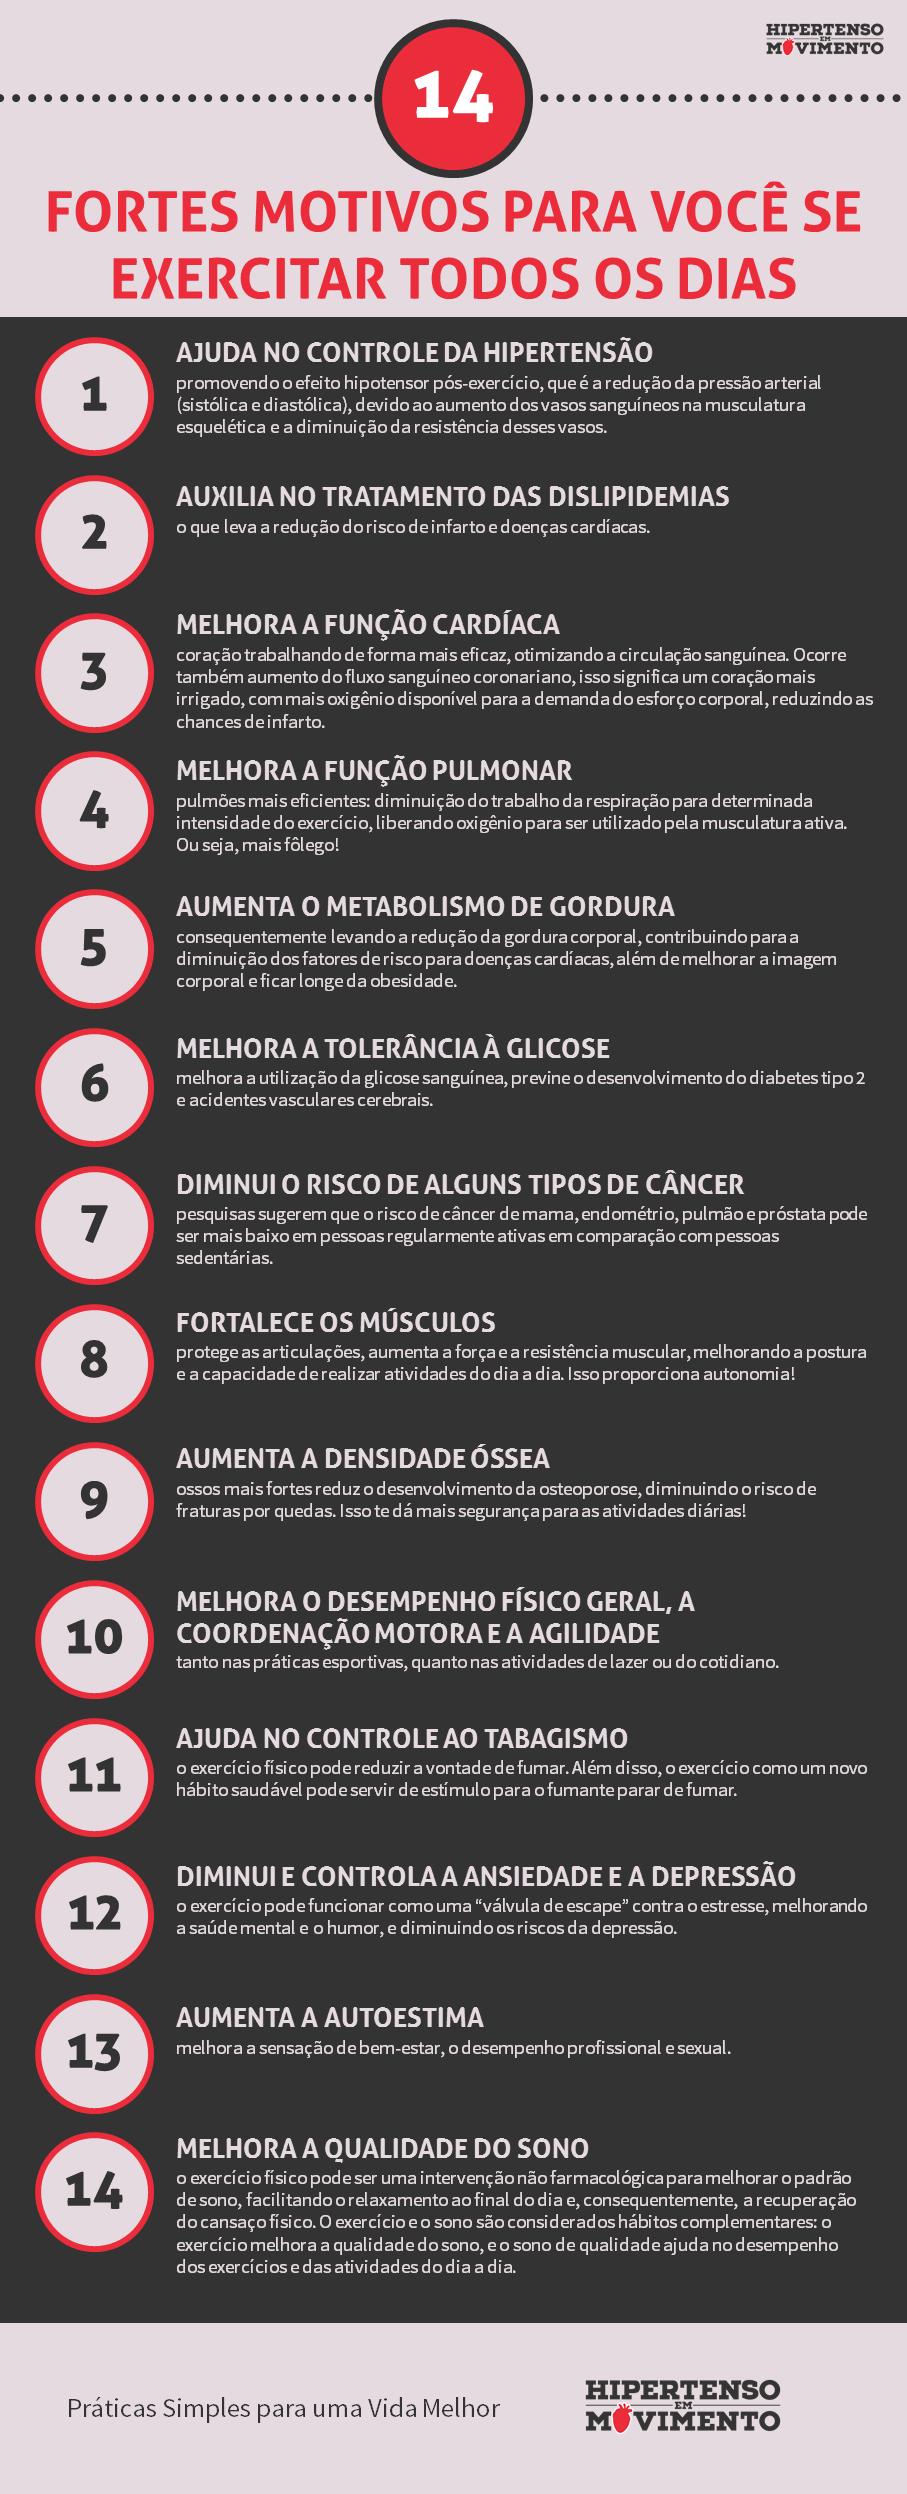 infográfico 14 fortes motivos para se exercitar